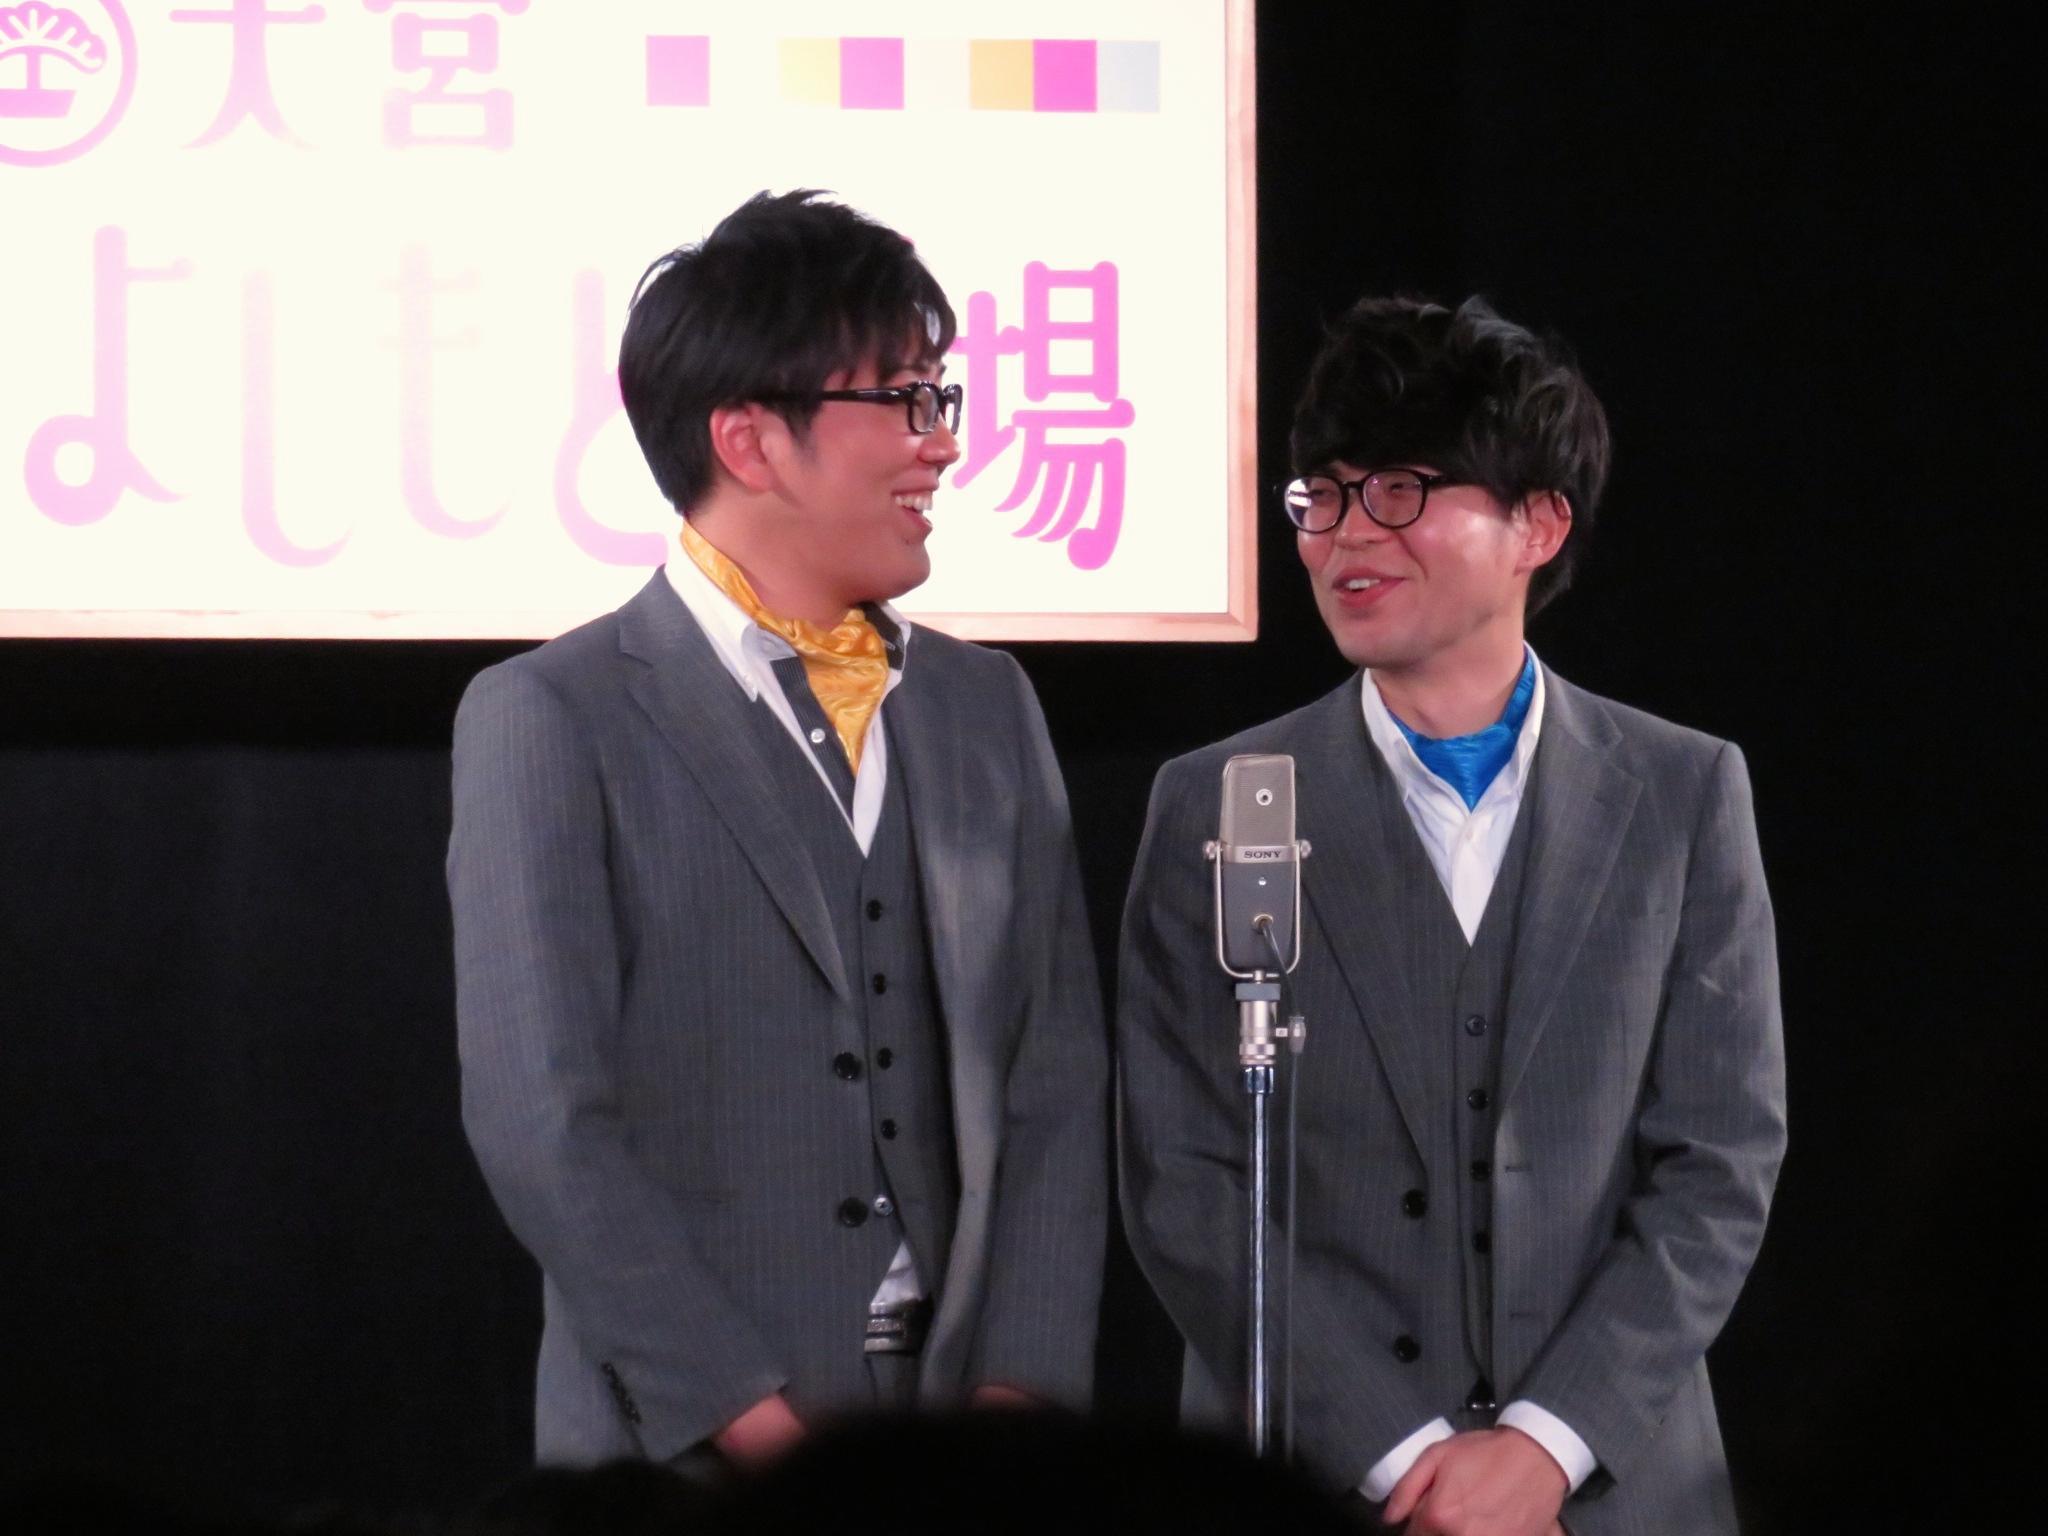 http://news.yoshimoto.co.jp/20171230223127-5893f9468116582af1d7ebc9bc36d1e55a6757ba.jpg